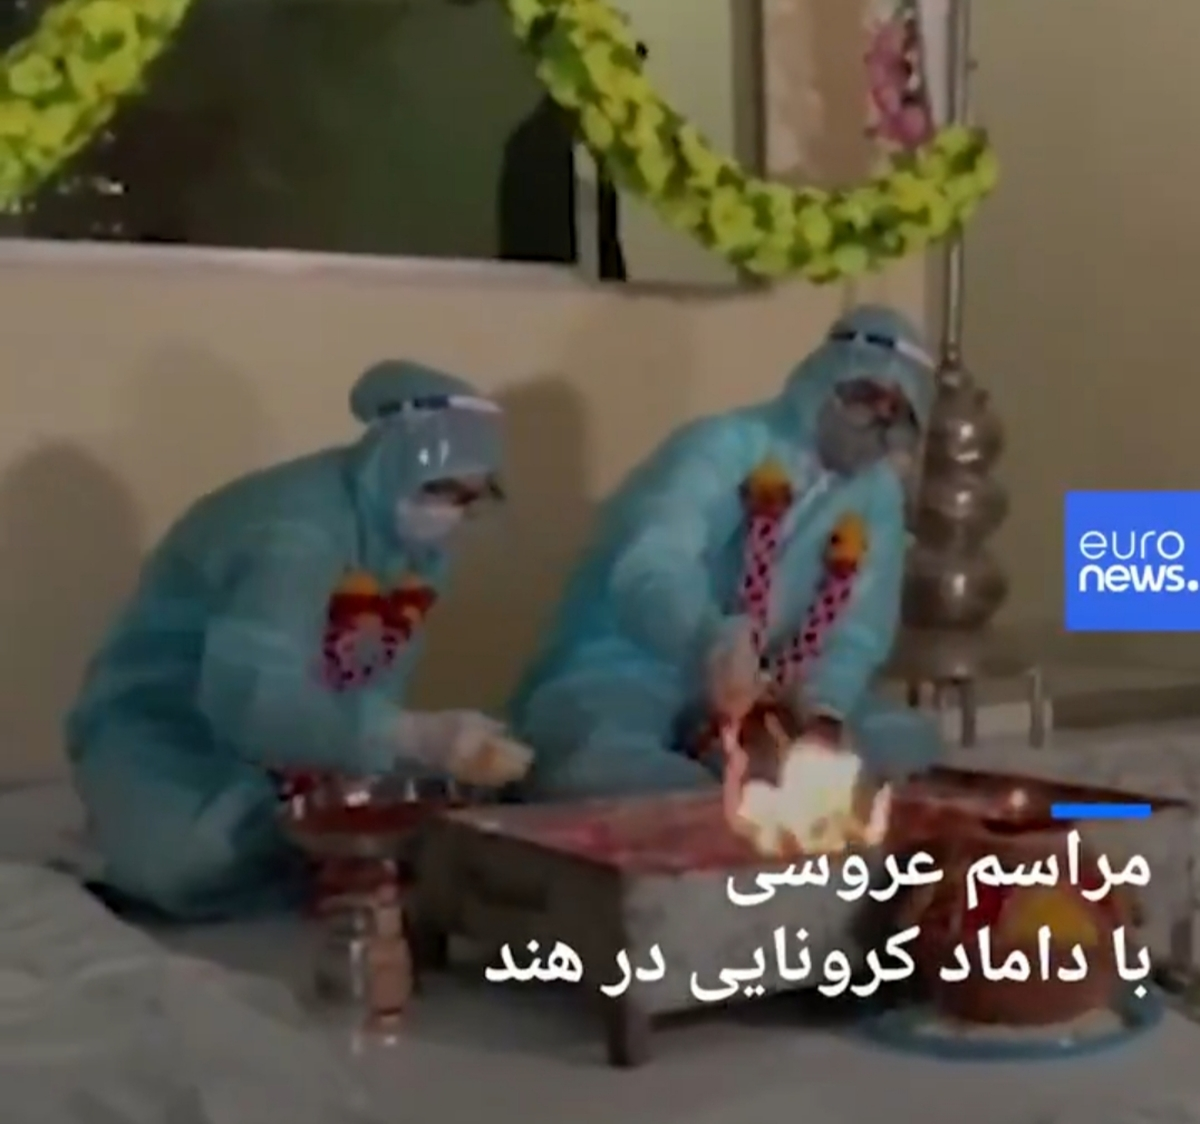 مراسم عروسی با داماد کرونایی در هند + ویدئو